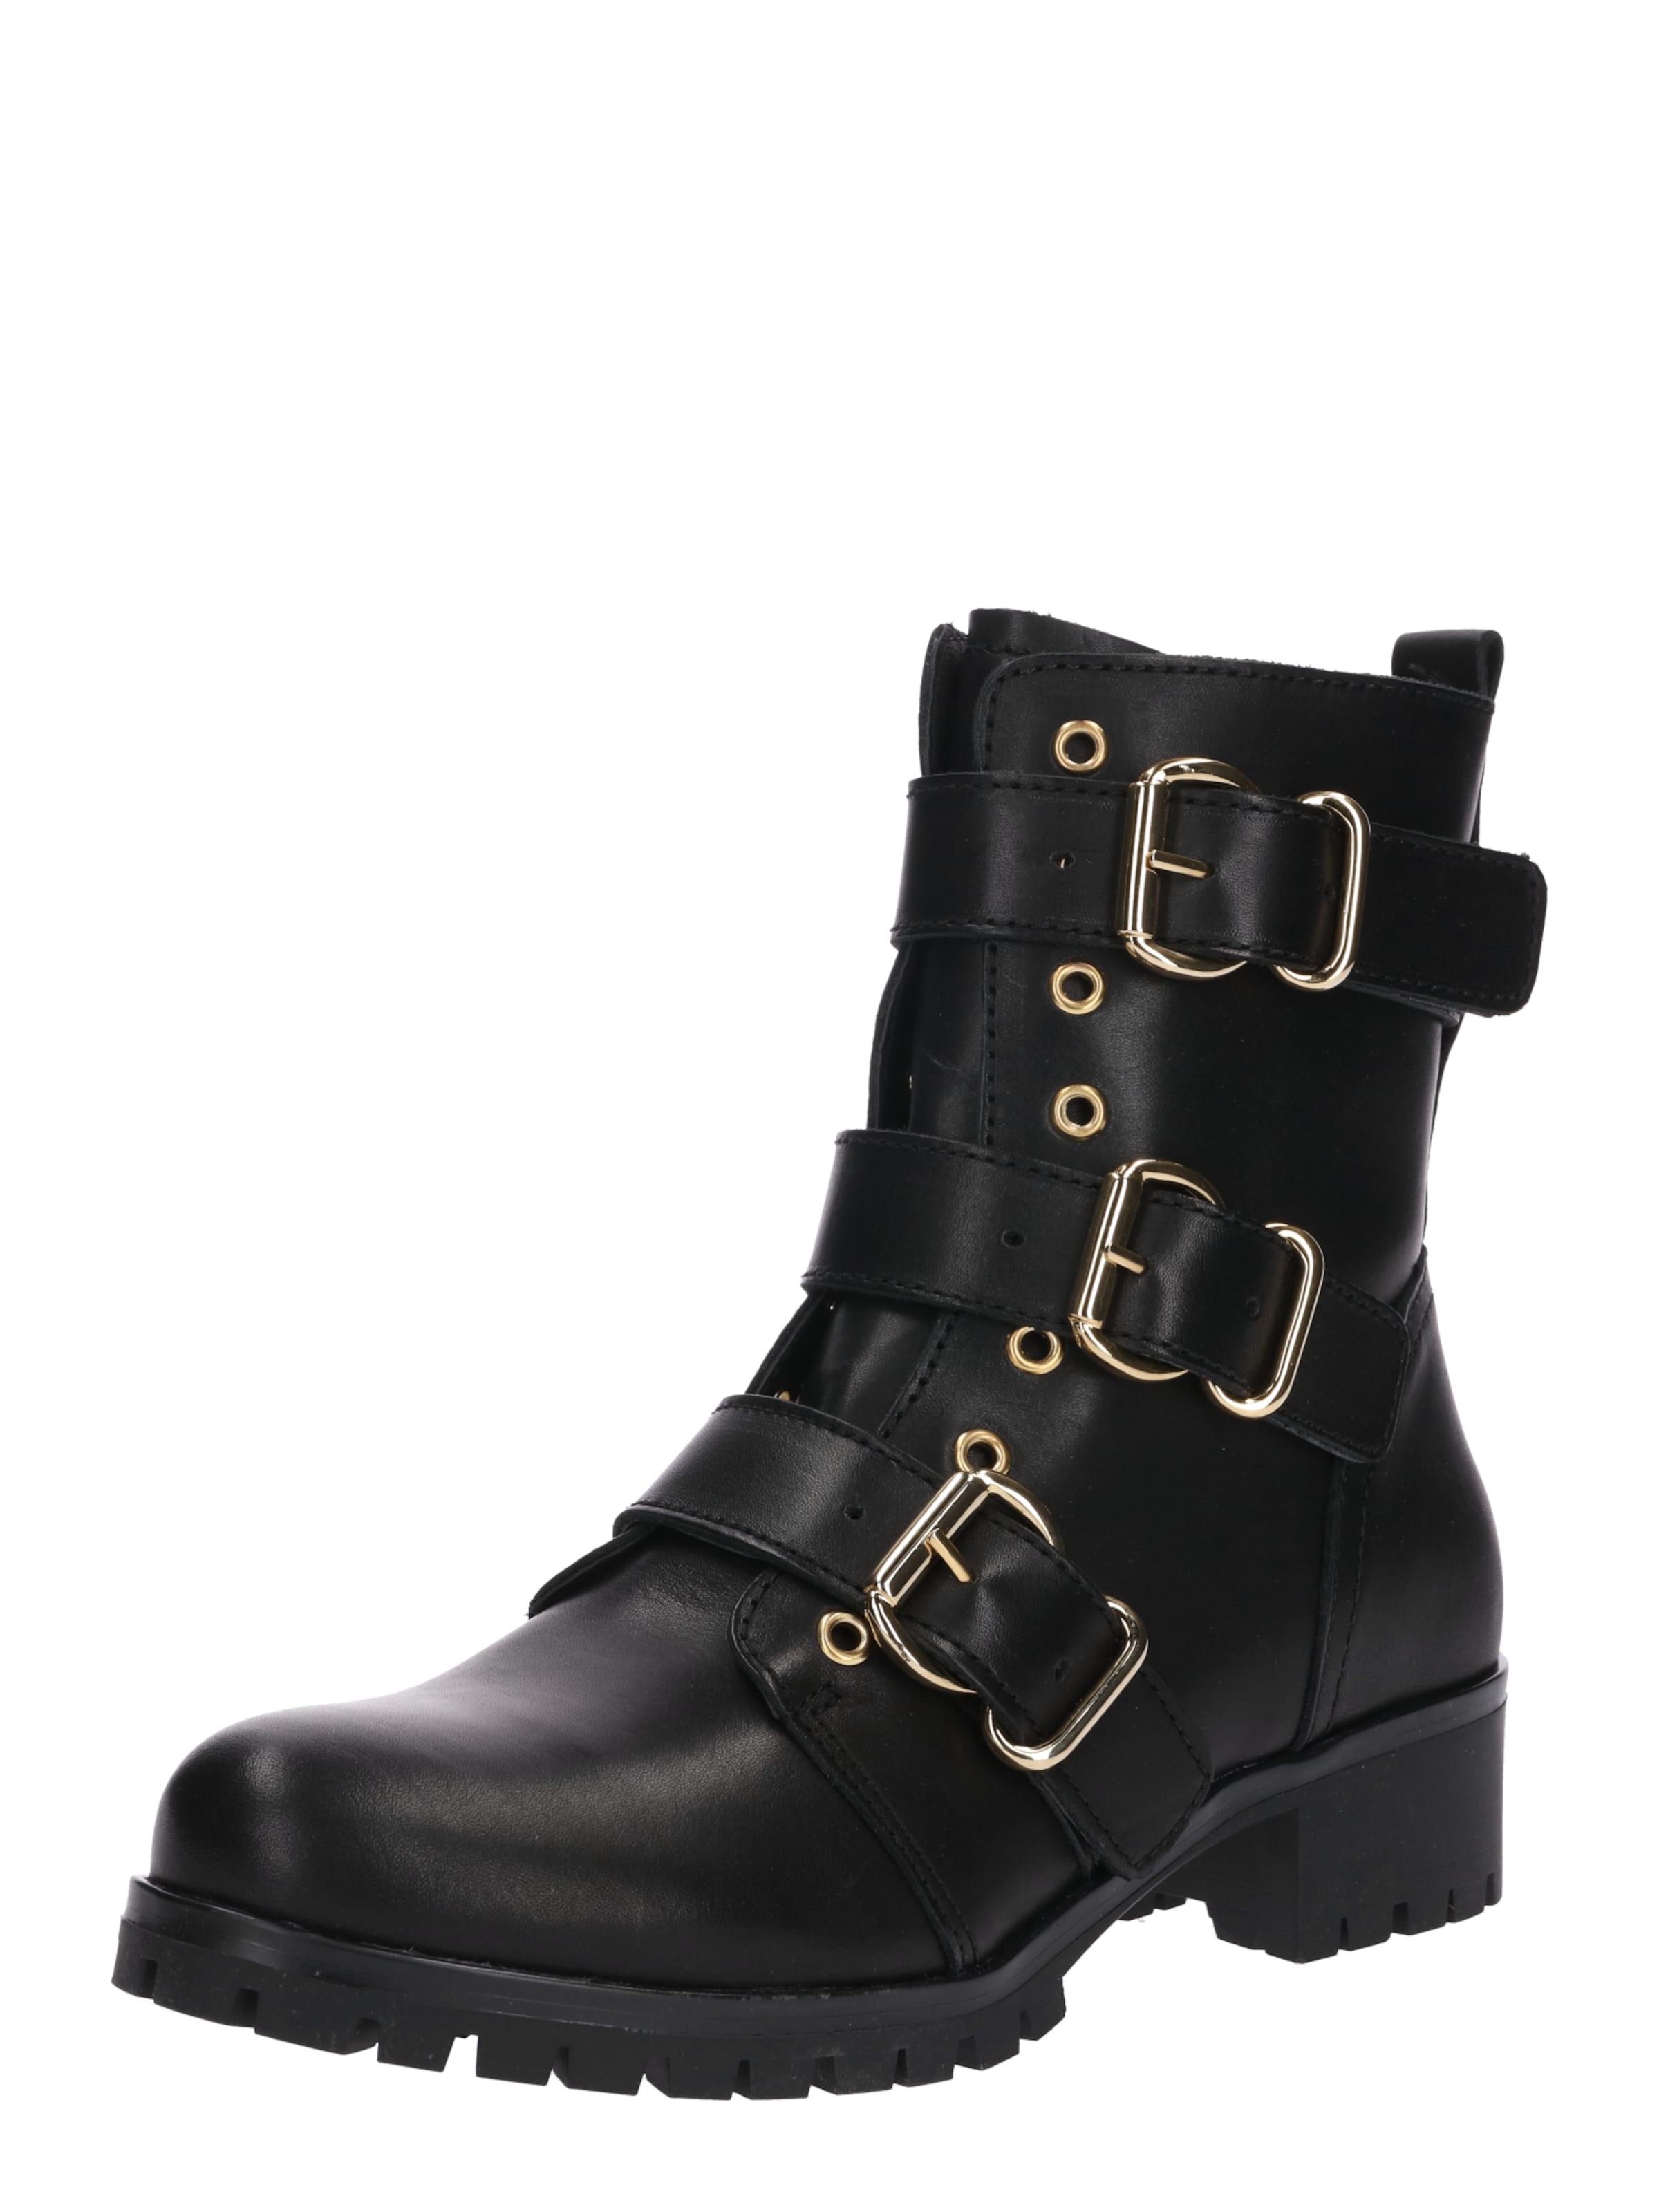 Bullboxer Boots Bullboxer Noir En Boots roCxBWde